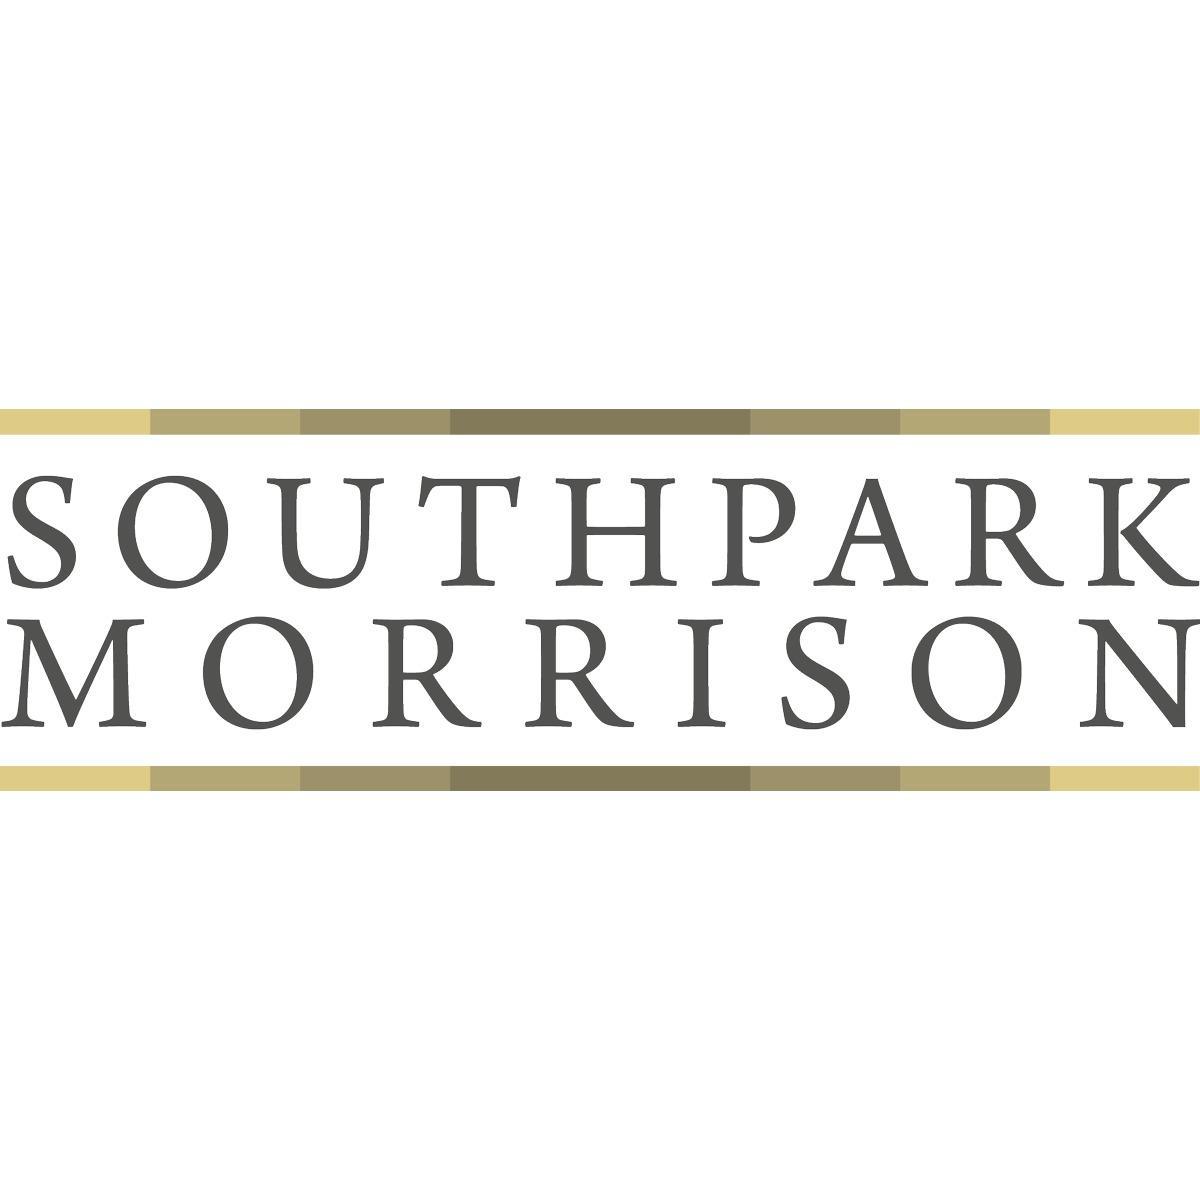 Southpark Morrison